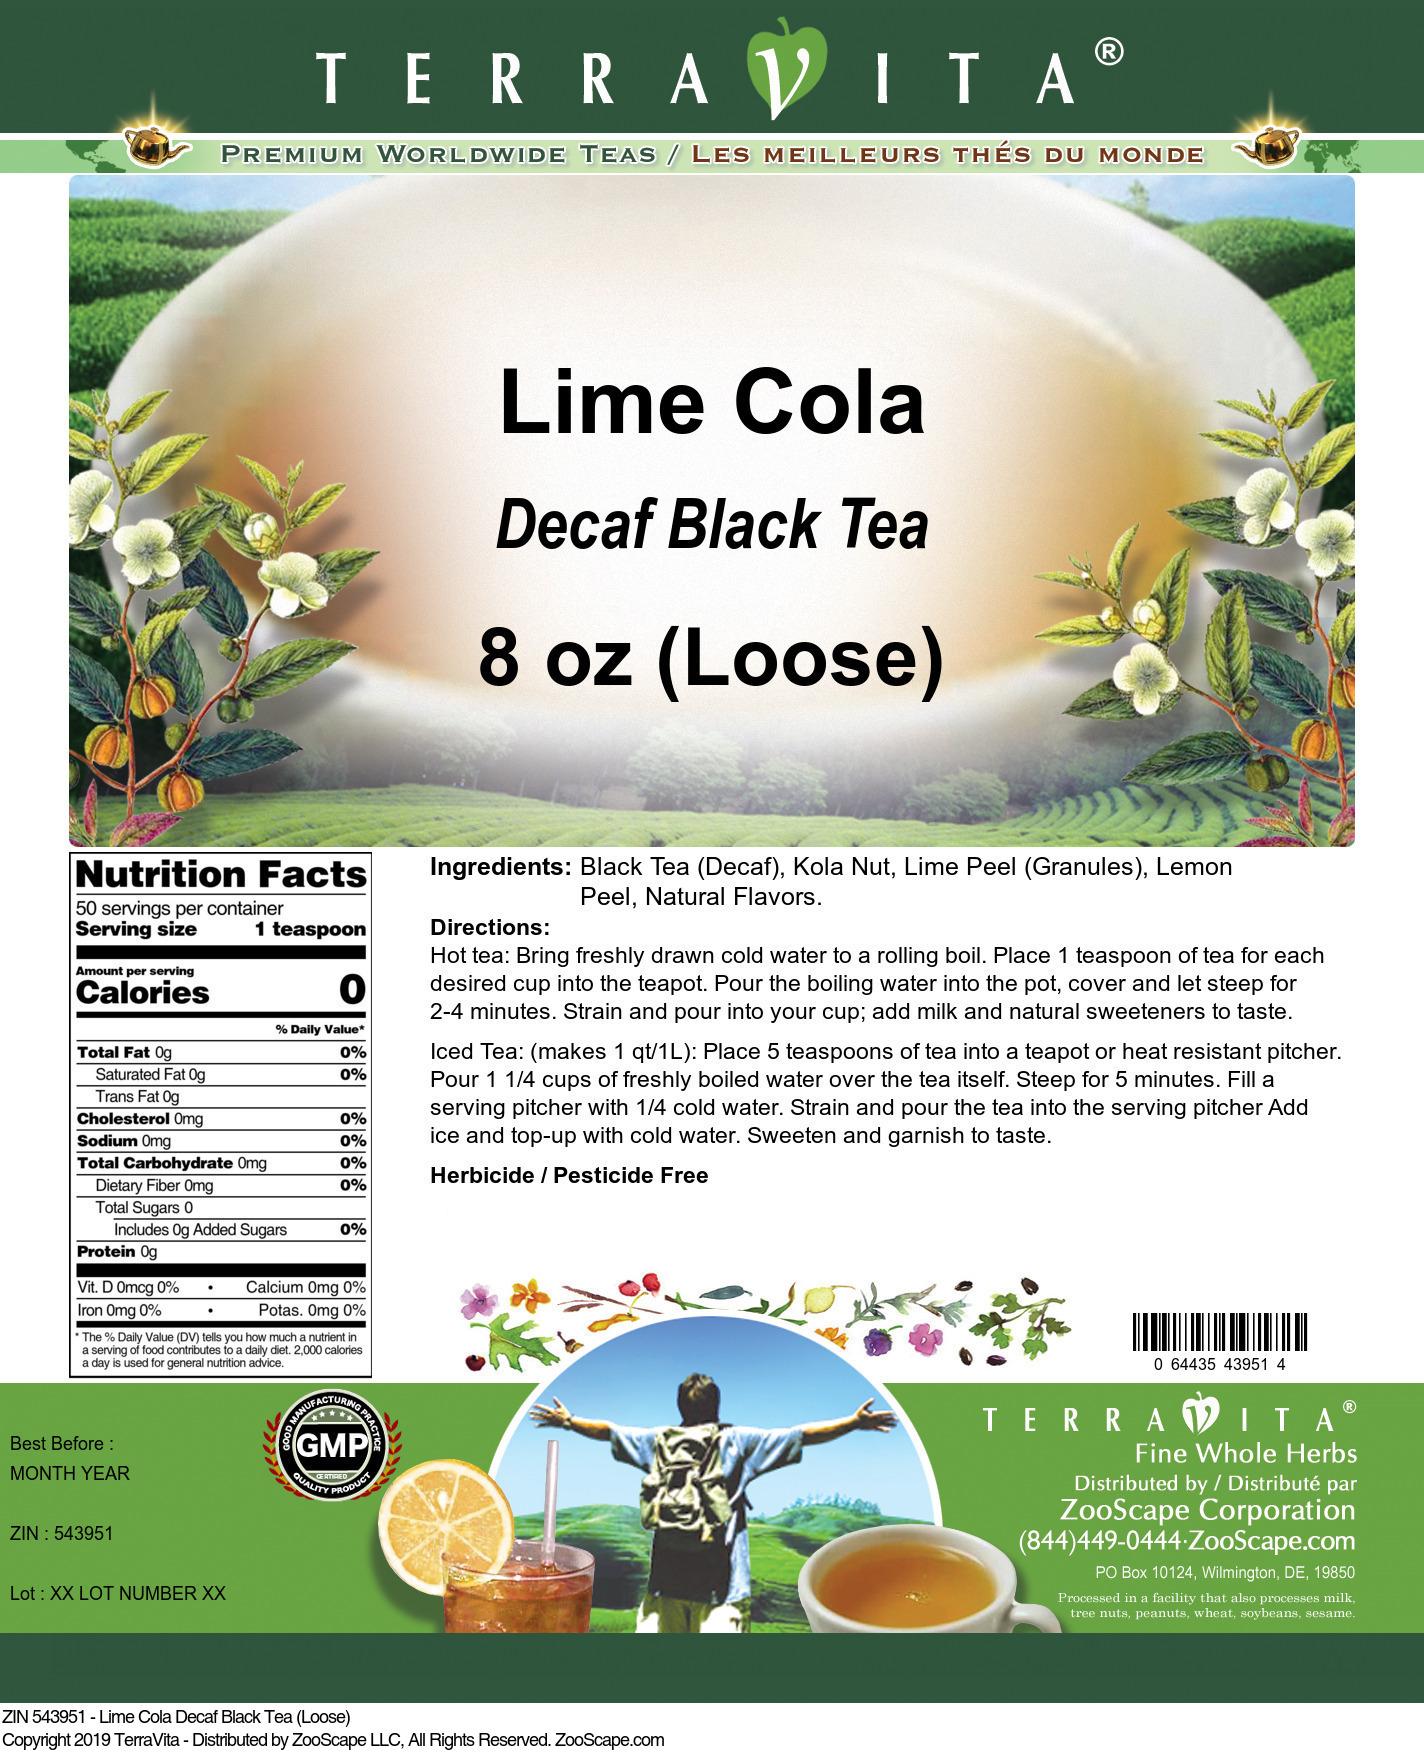 Lime Cola Decaf Black Tea